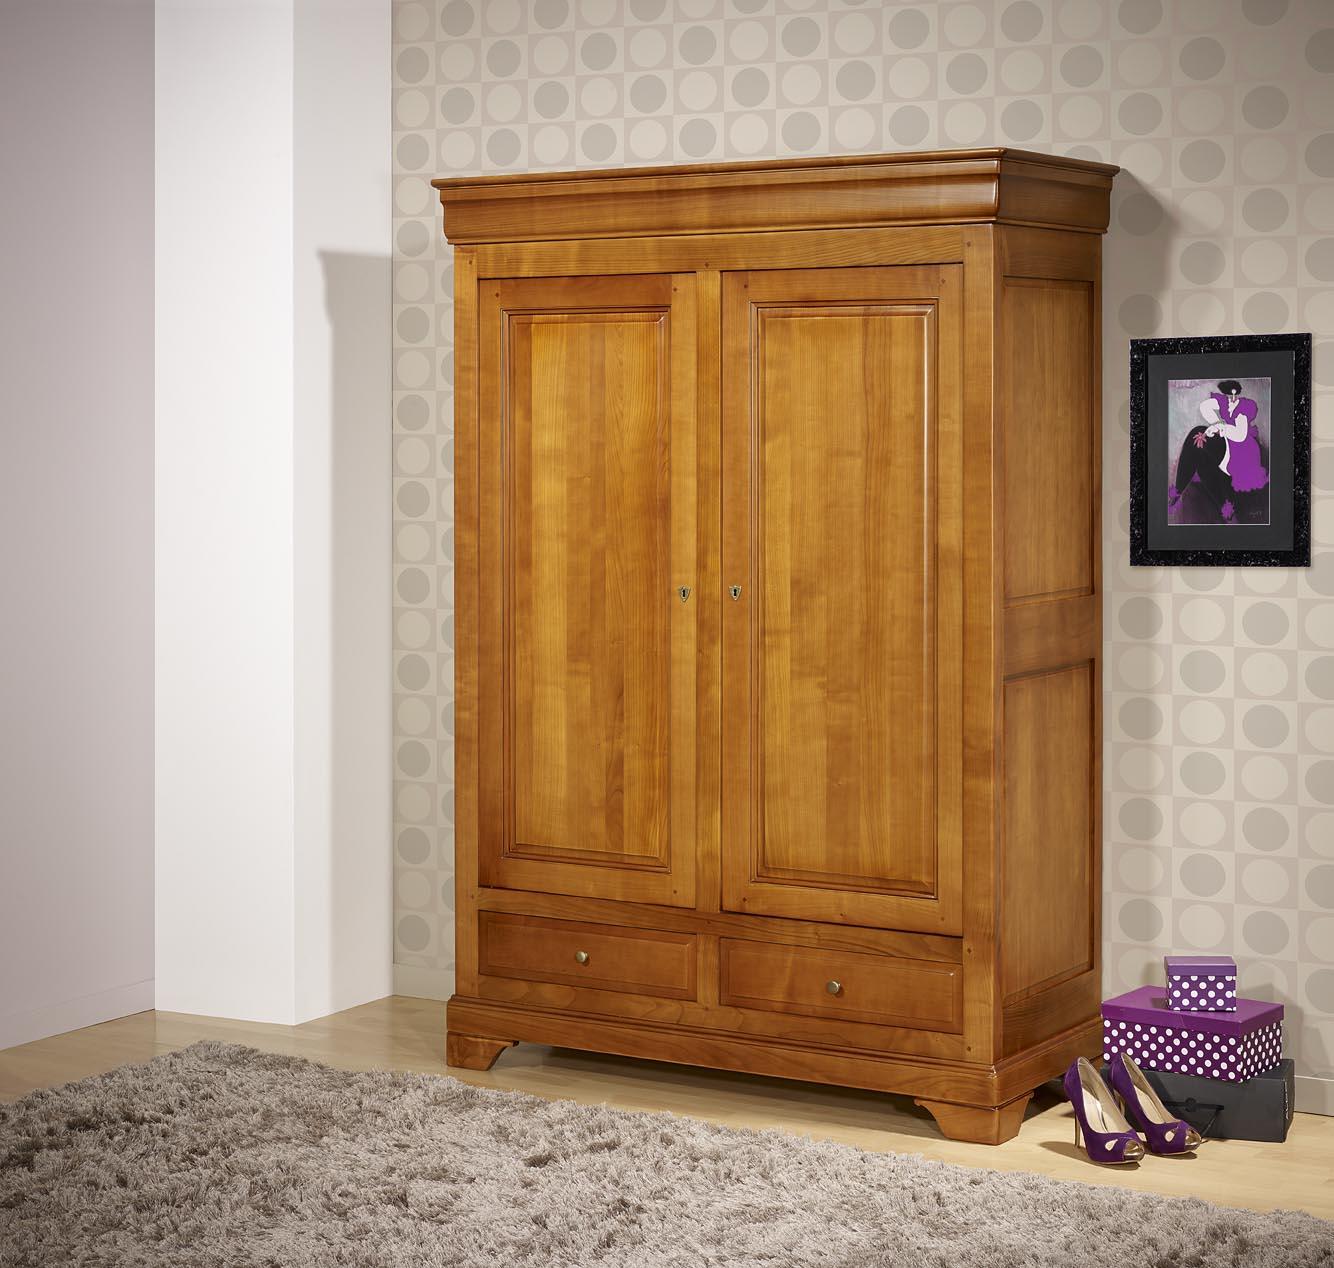 Petite armoire 2 portes 2 tiroirs in s en merisier massif de style louis philippe meuble en - Meuble merisier style louis philippe ...